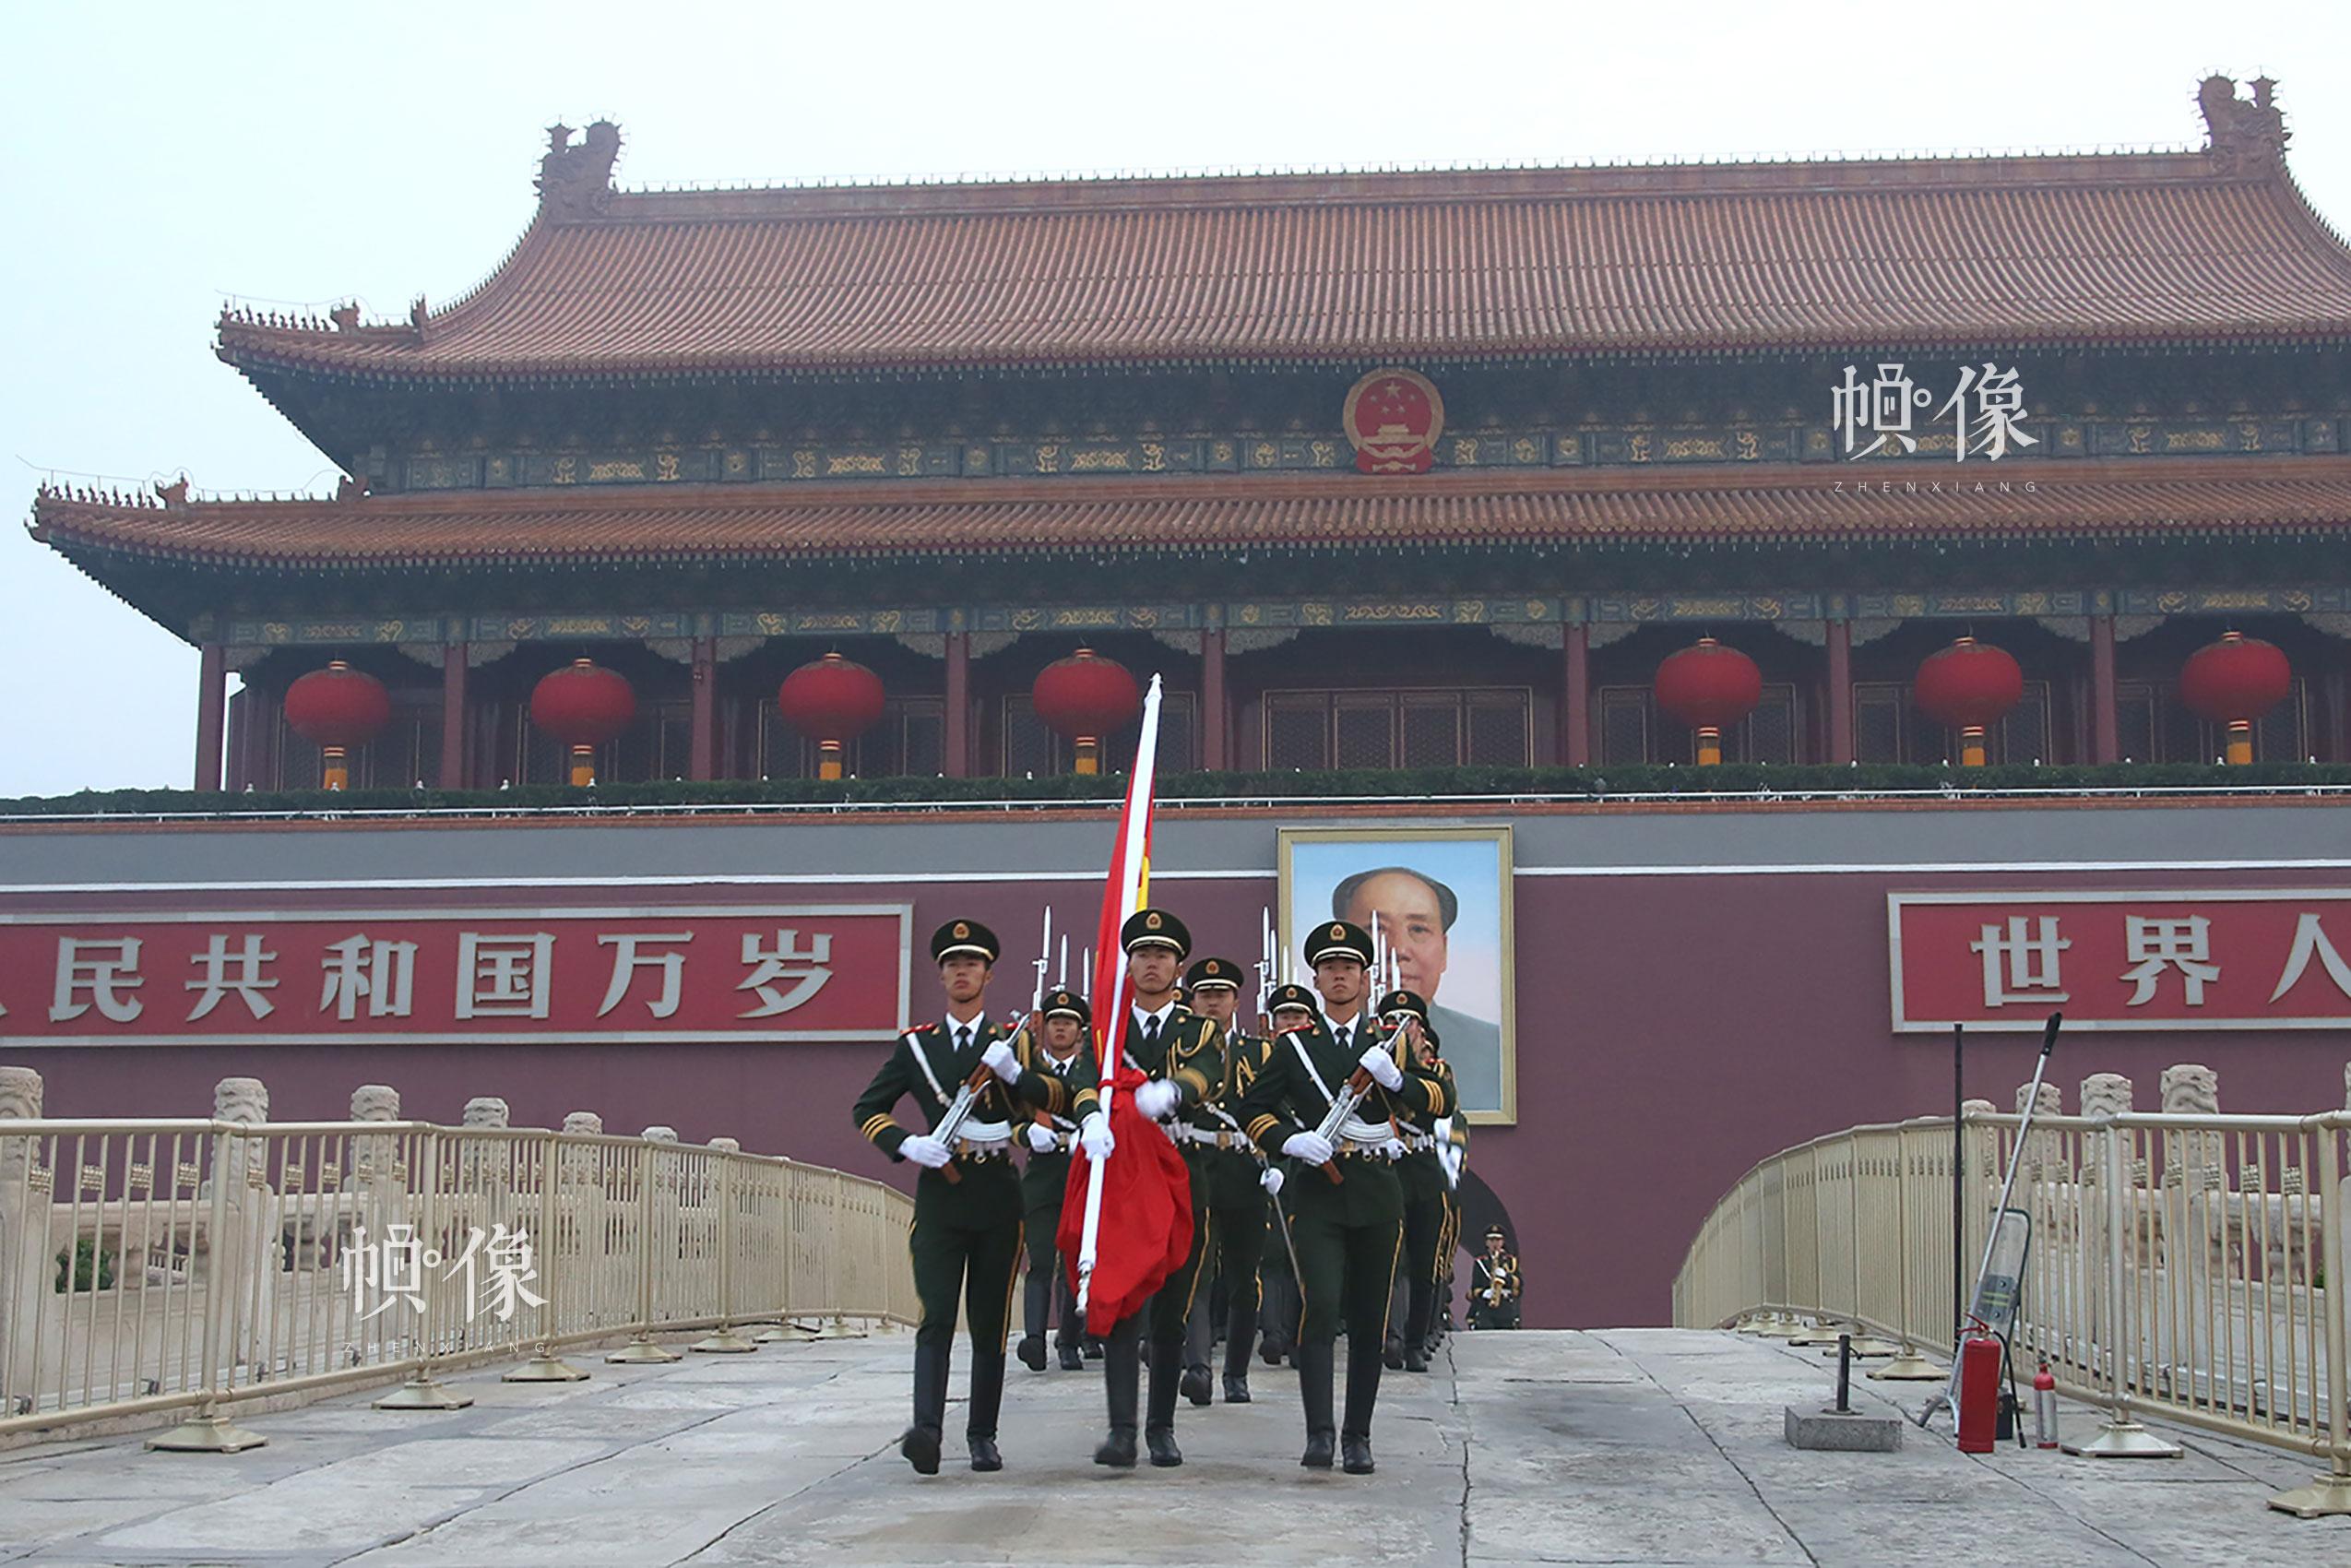 国旗护卫队员踏过金水桥穿过长安街向国旗基座走去。李超供图